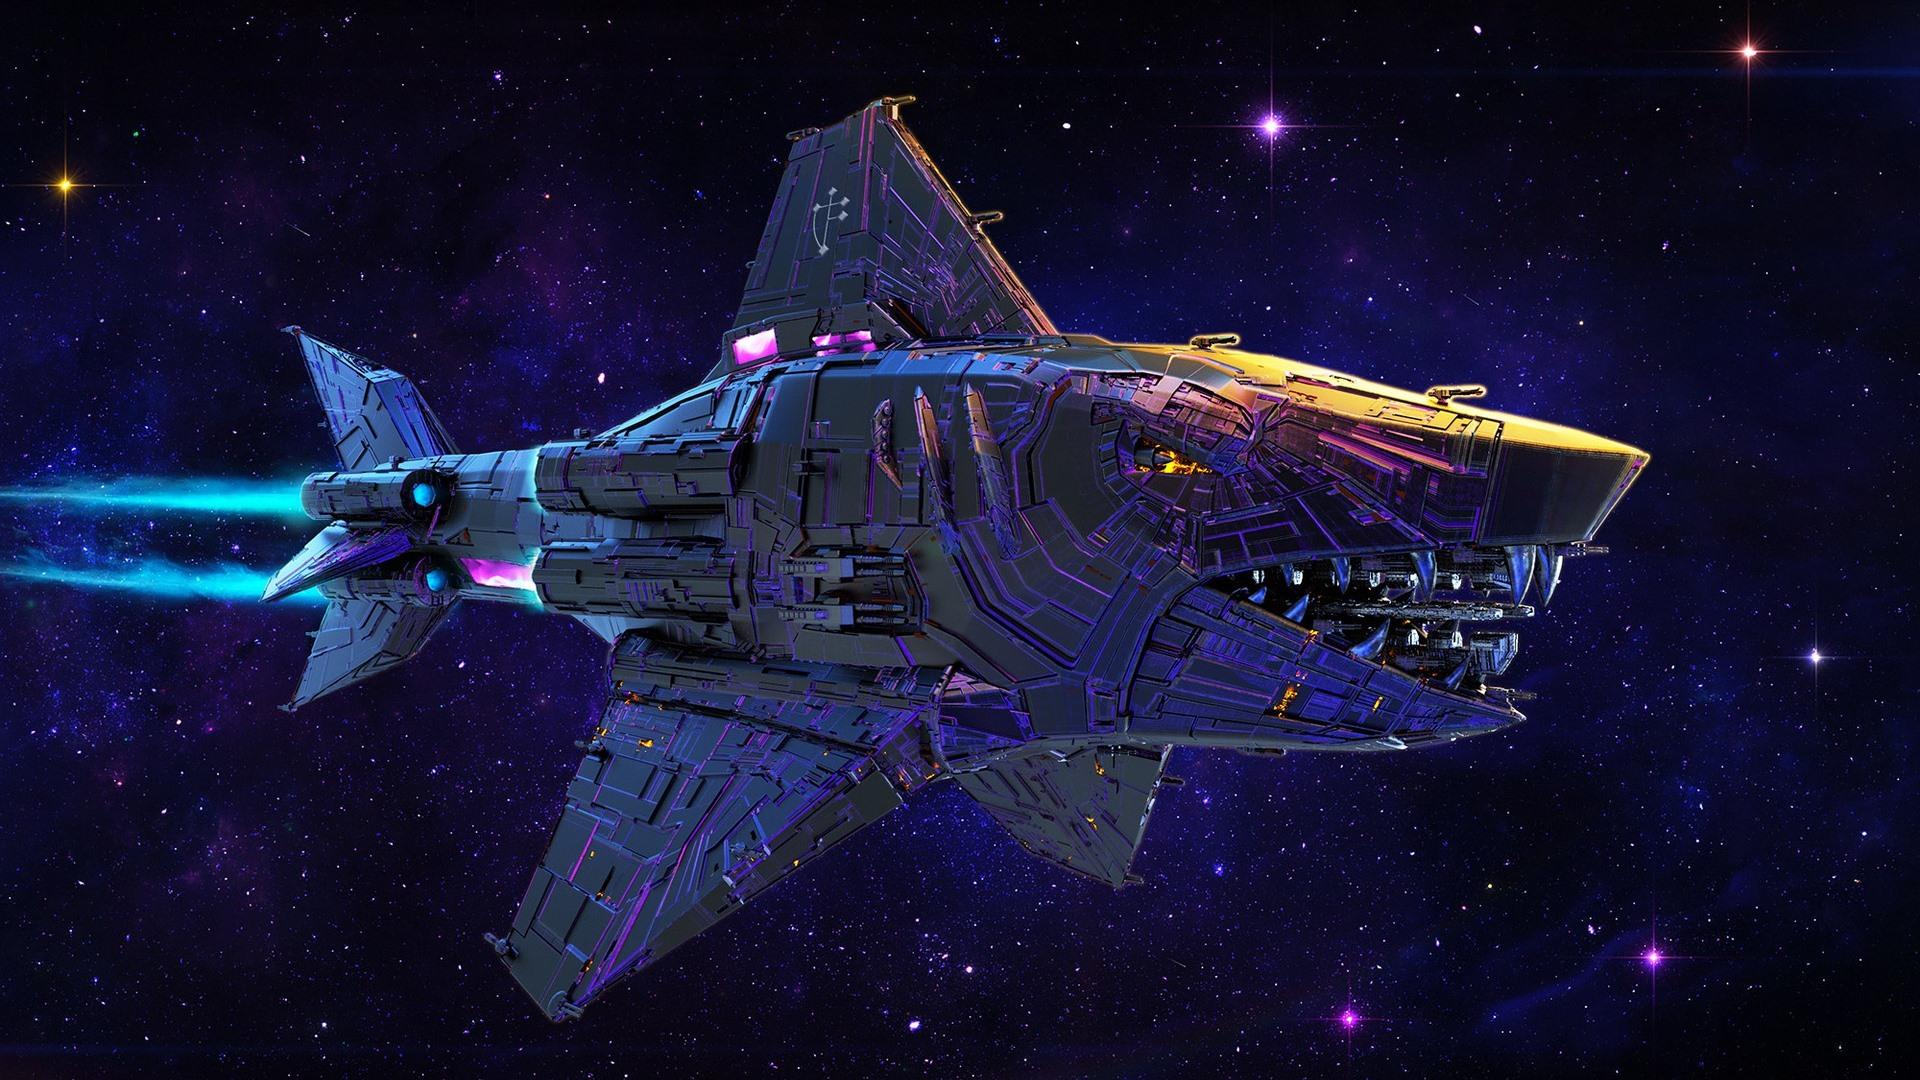 壁紙 宇宙船 サメ 宇宙 創造的なデザイン 1920x1200 Hd 無料の